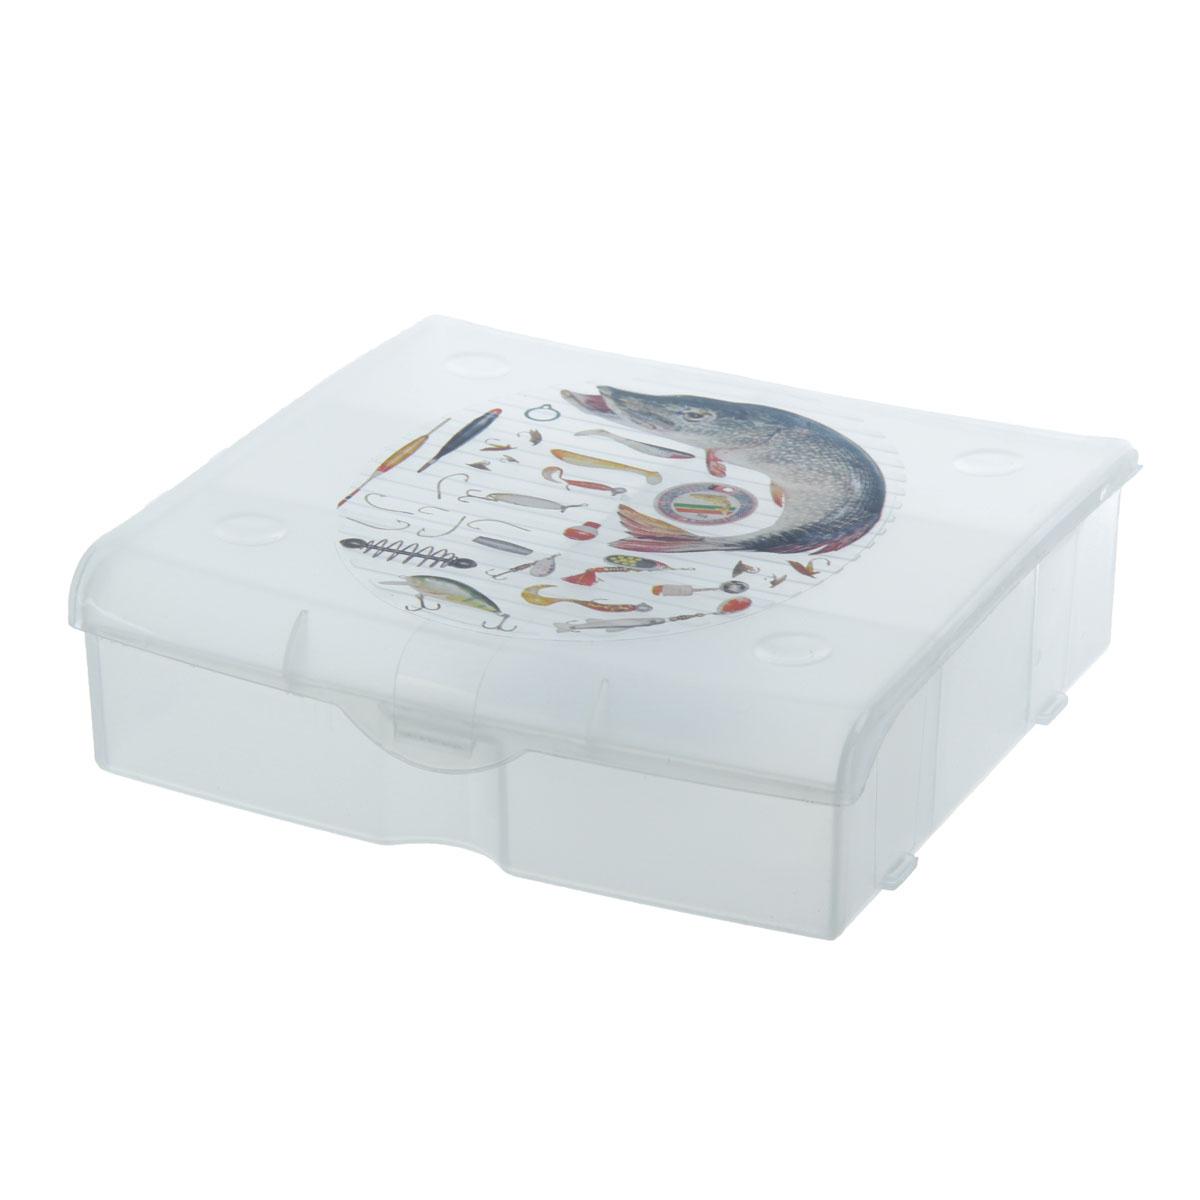 Бокс для хранения 5 ячеек 812930812930Бокс для рыболовных принадлежностей 5 ячеек 812930 Материал: Пластик